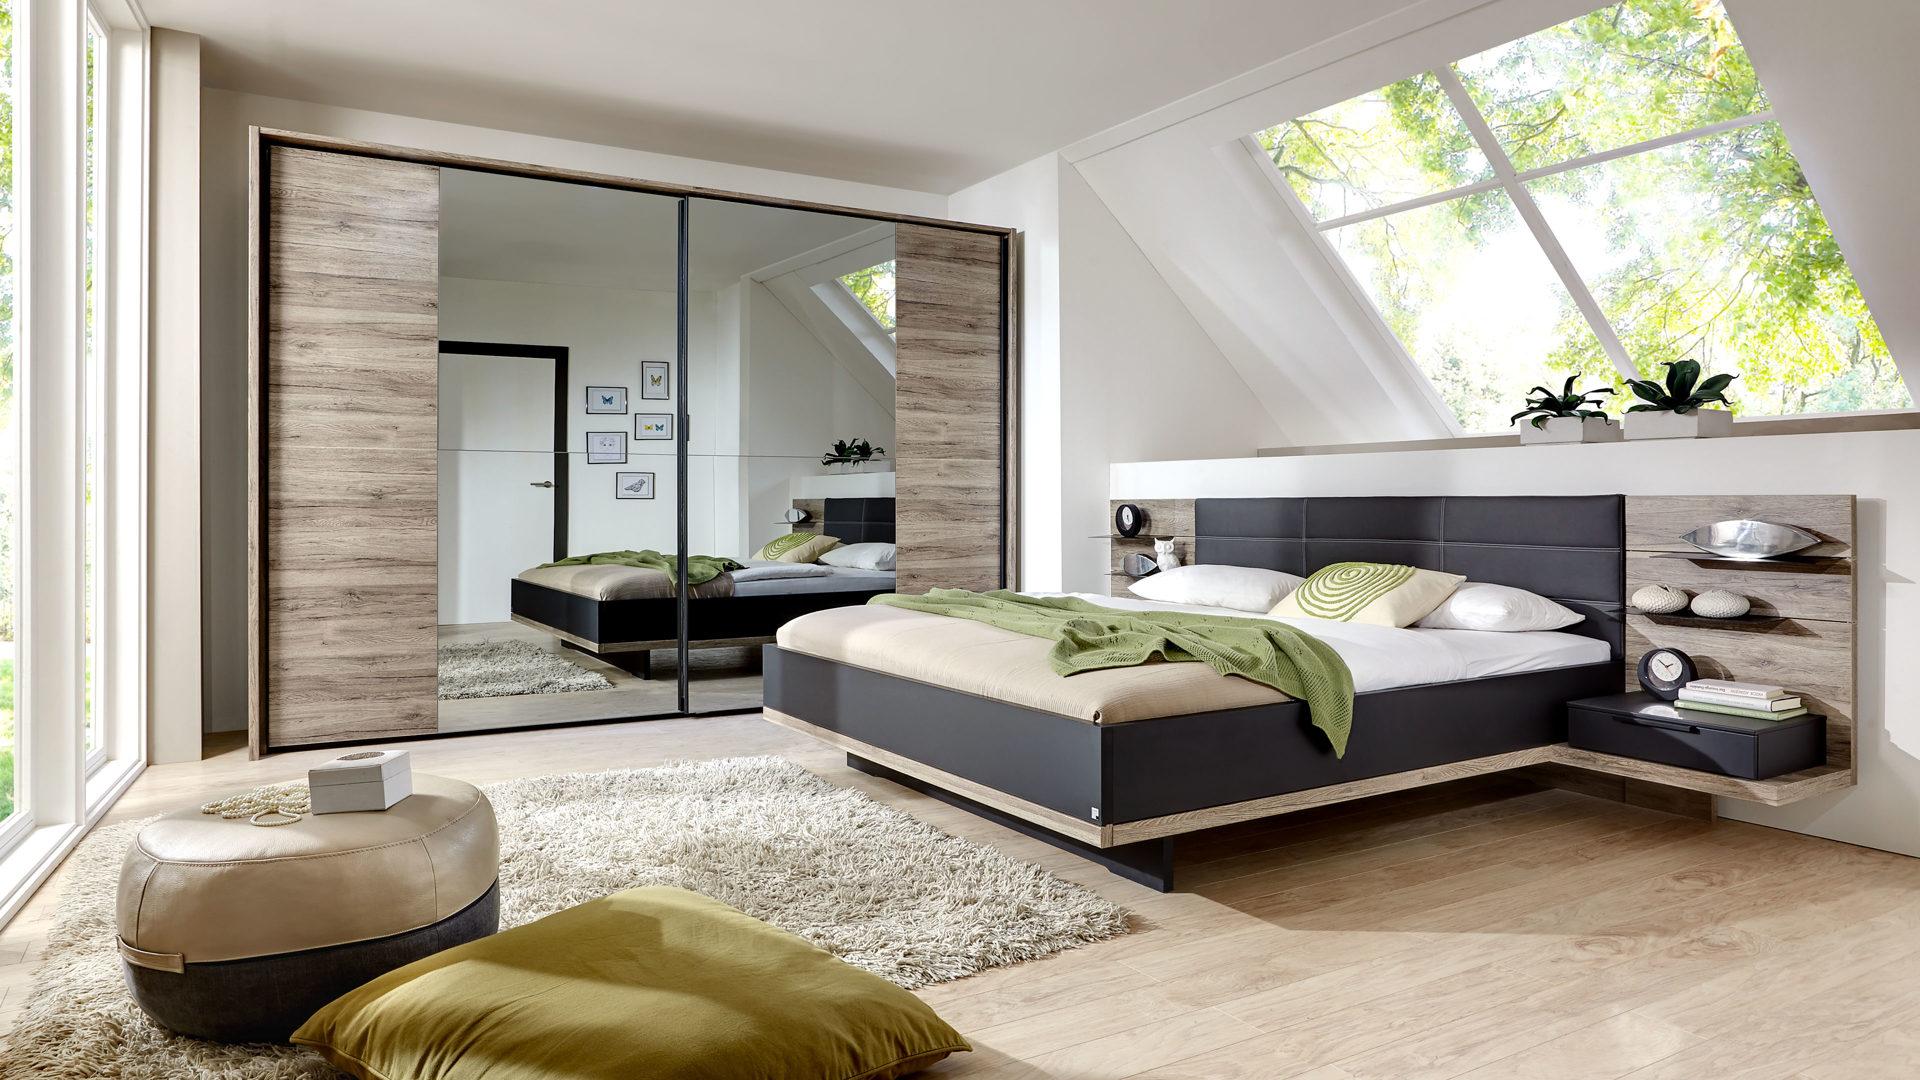 Möbel Bernskötter GmbH, Schlafzimmer mit Doppelbettgestell und